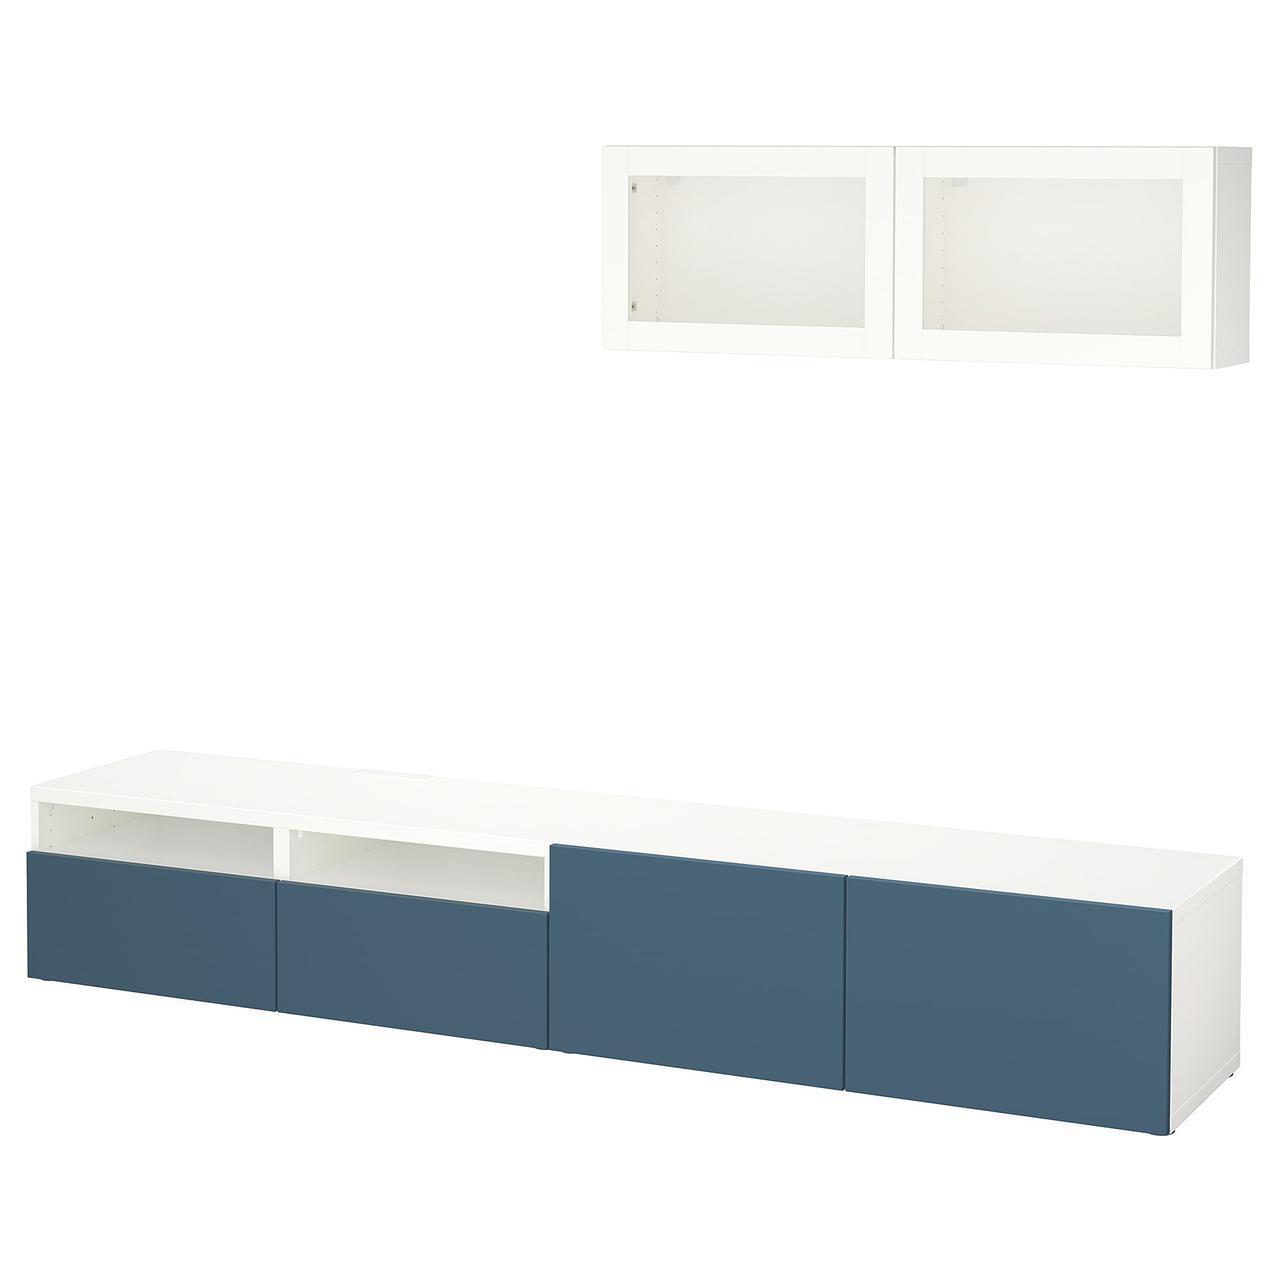 IKEA BESTA Тумба под телевизор с стеклянными дверьми, белый Вальвикен, темно-синее (892.017.50)